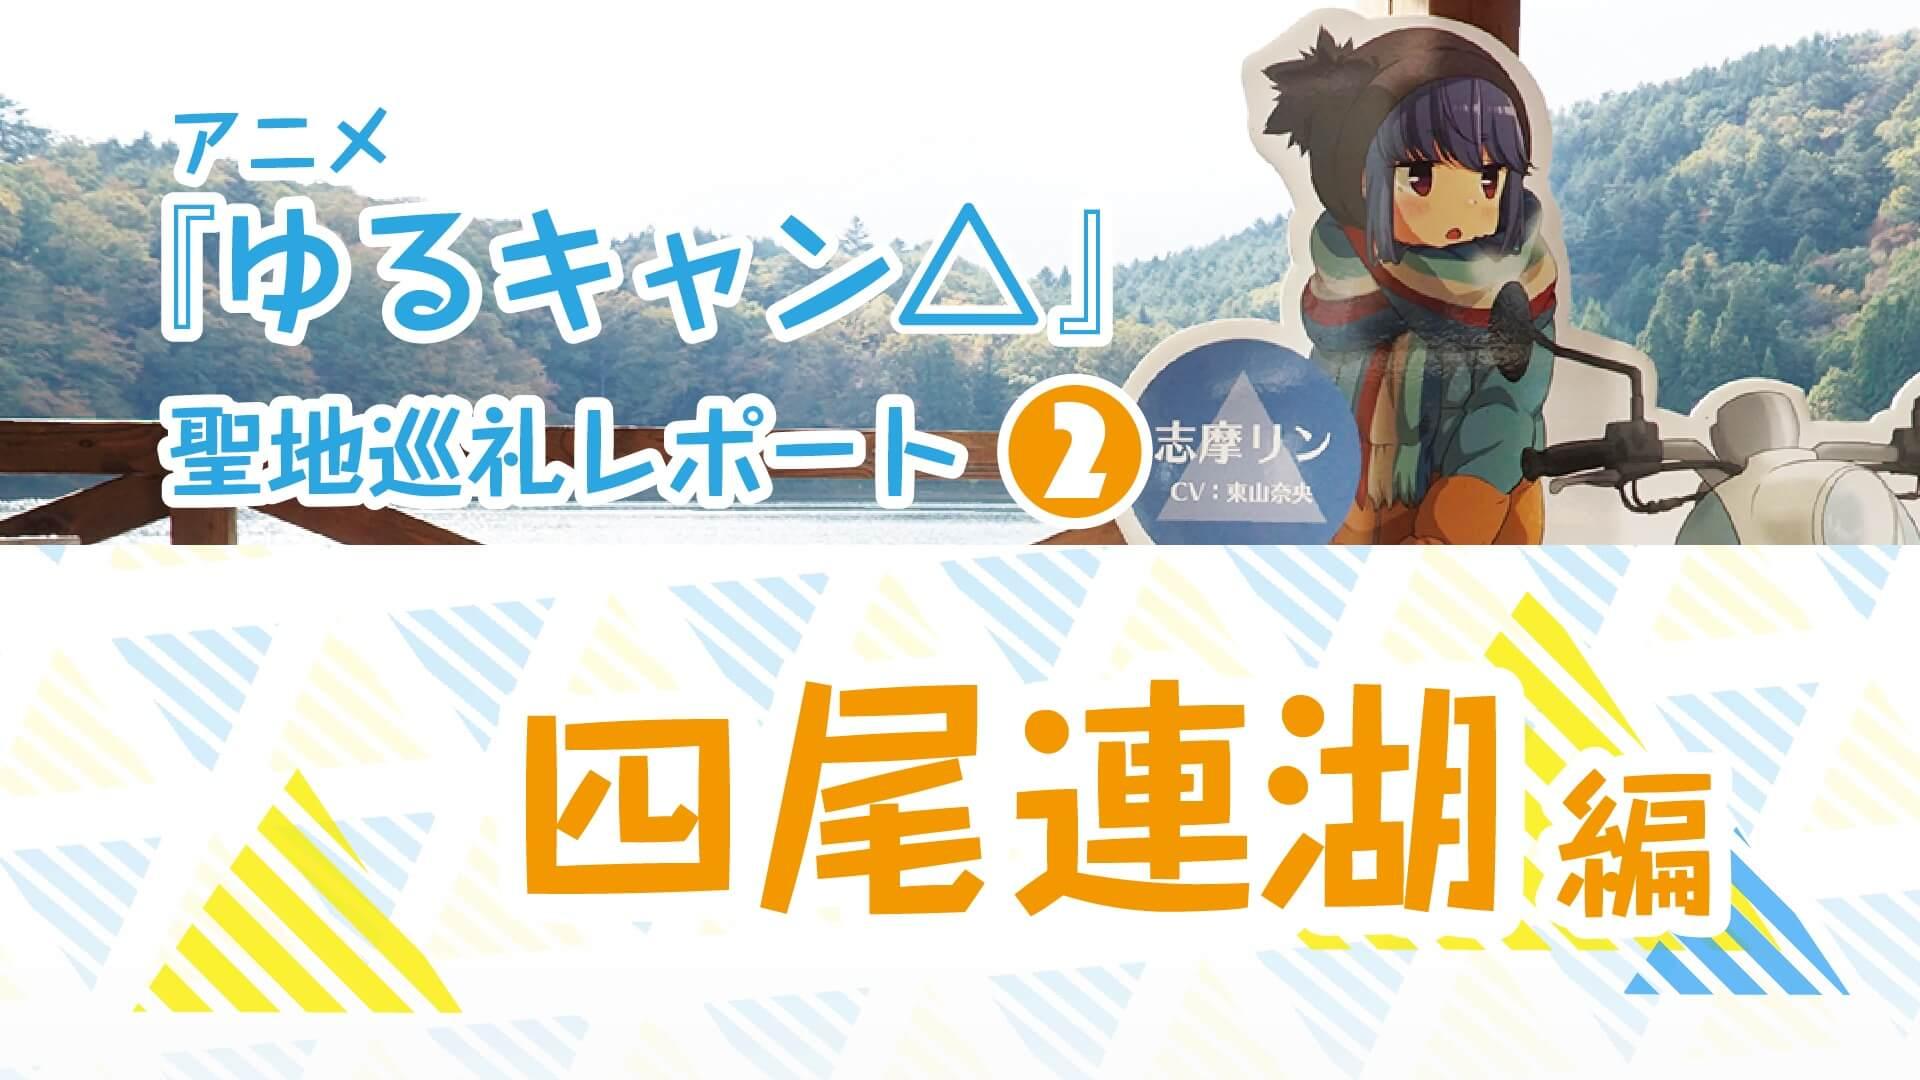 アニメ ゆるキャン 聖地巡礼レポート 2 四尾連湖 編 Jmag News